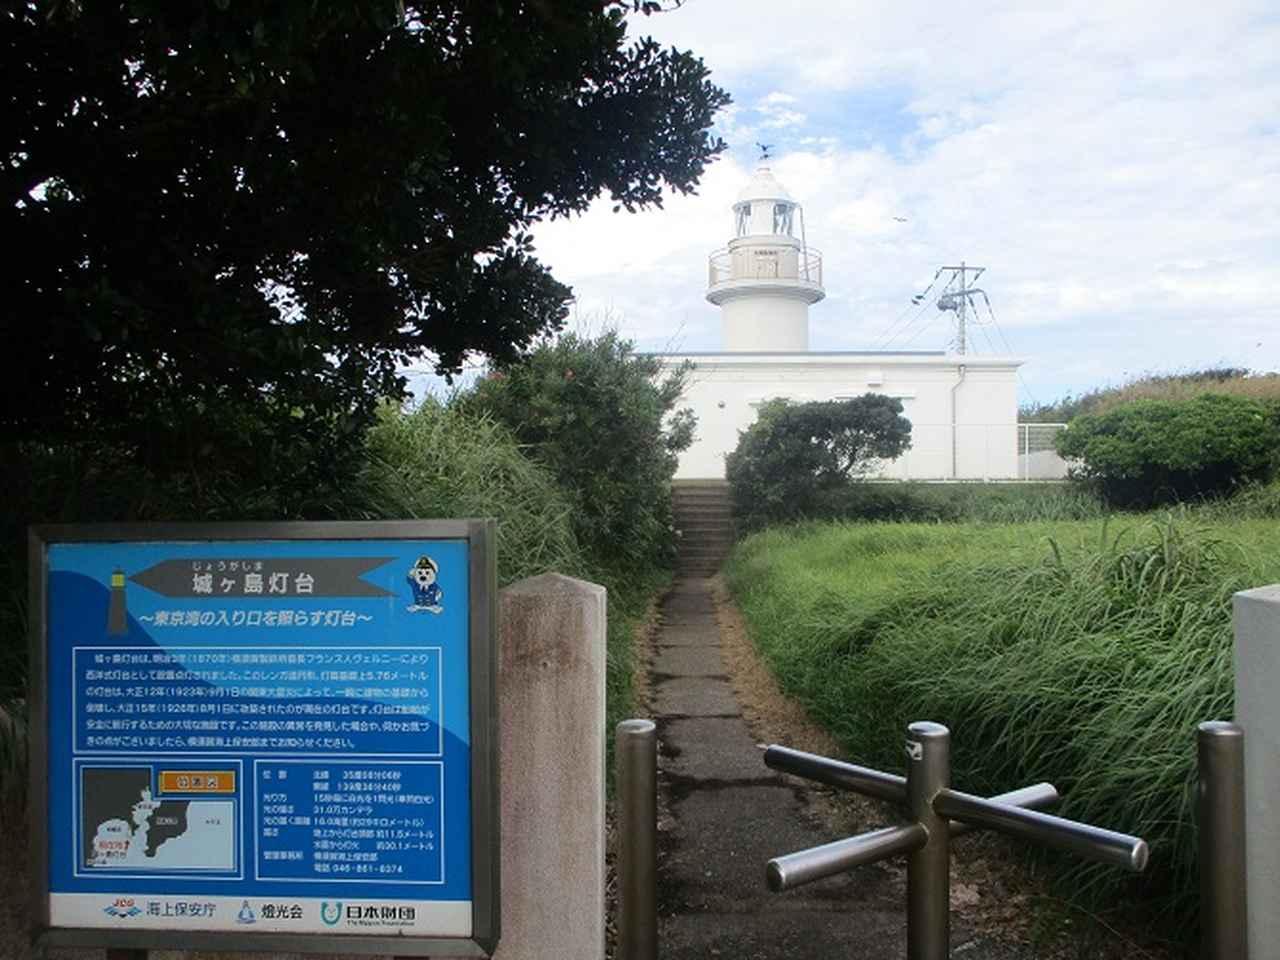 画像11: 来年の夏の企画素材を探して 三浦半島の南端・城ヶ島を歩いてみました!